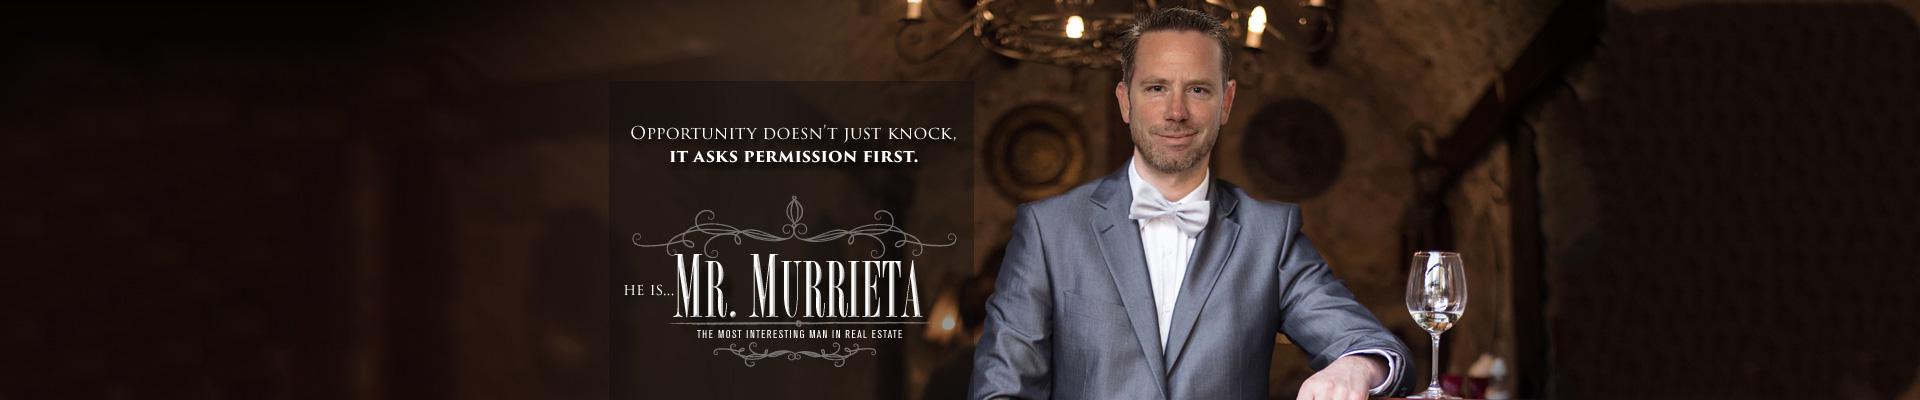 MrMurrietaSlider2